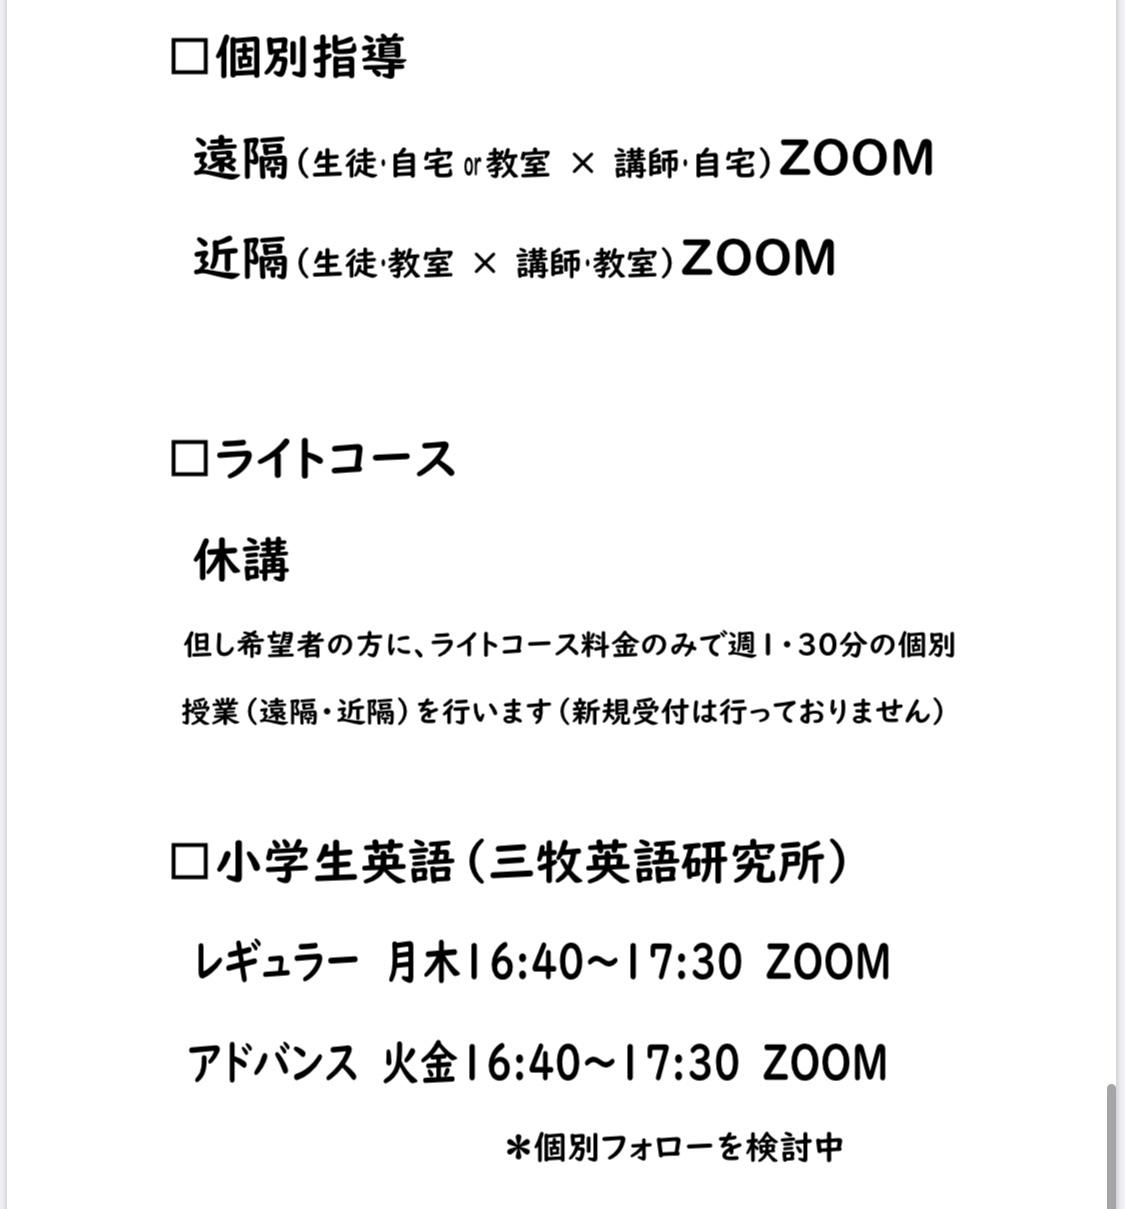 新年度の中学コース授業について【休校期間】_d0116009_02350334.jpg